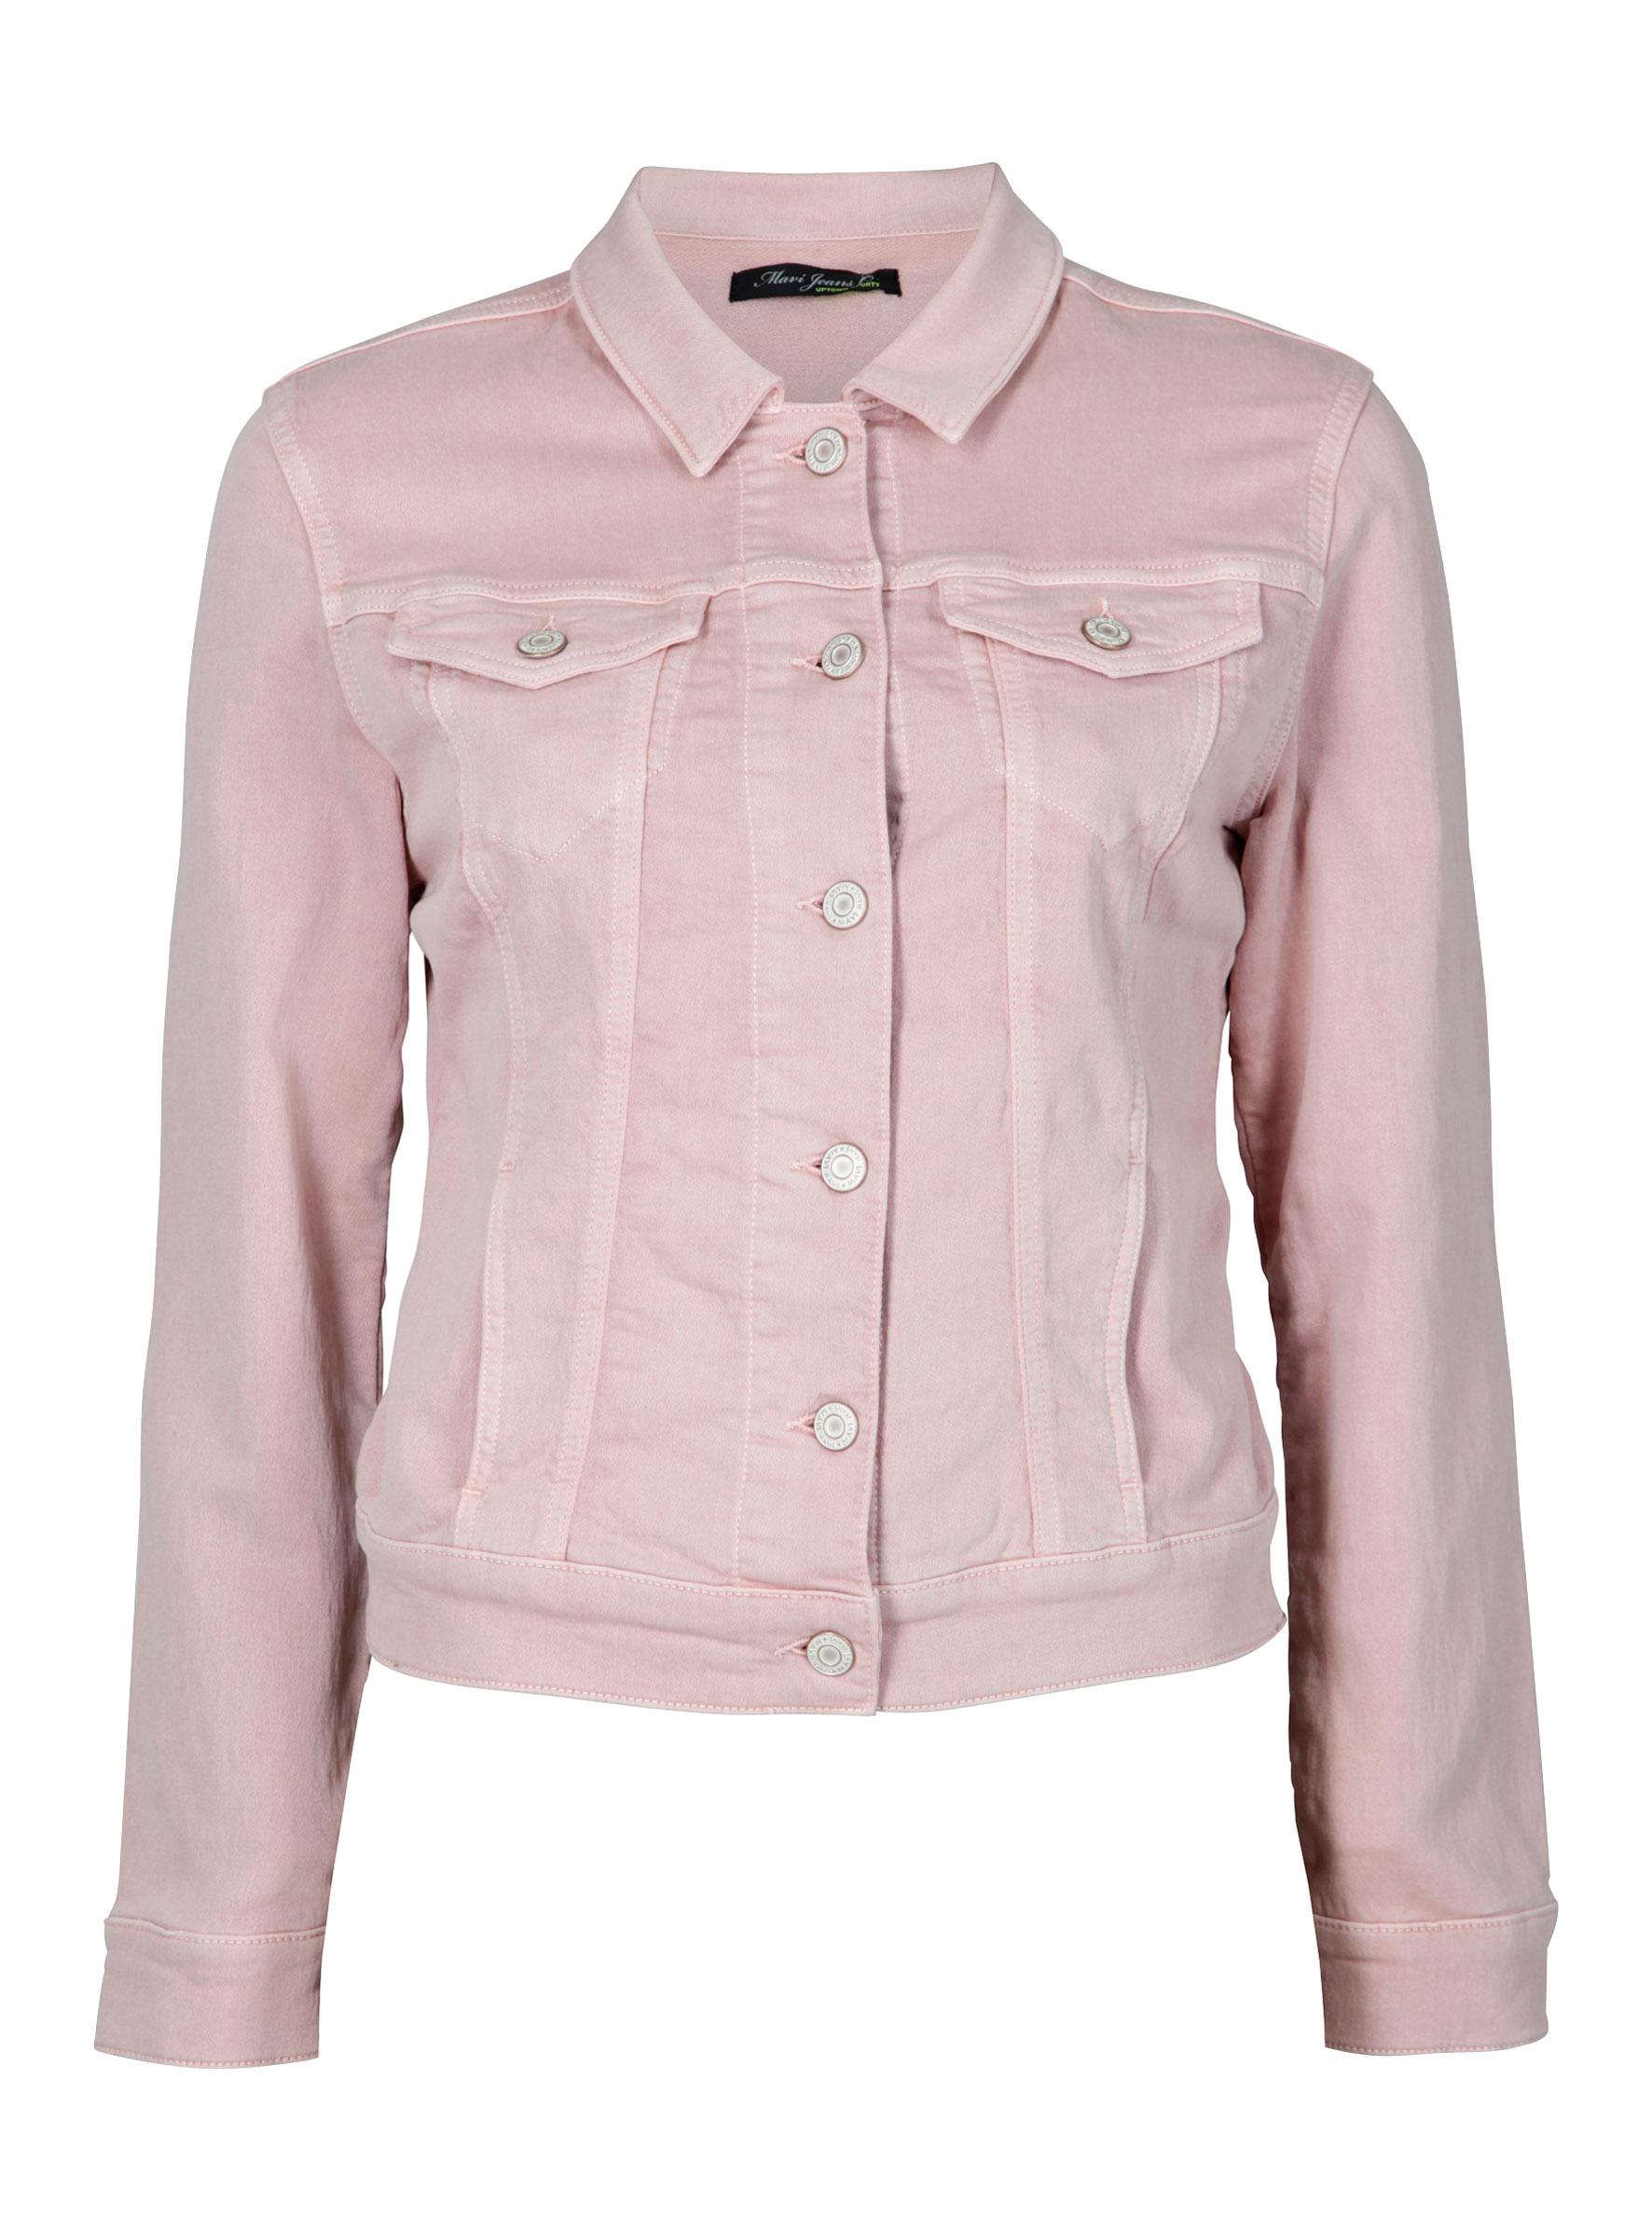 Super süße Jeansjacke in Rosa für die modern Women in der Mavi Jeans Kollektion